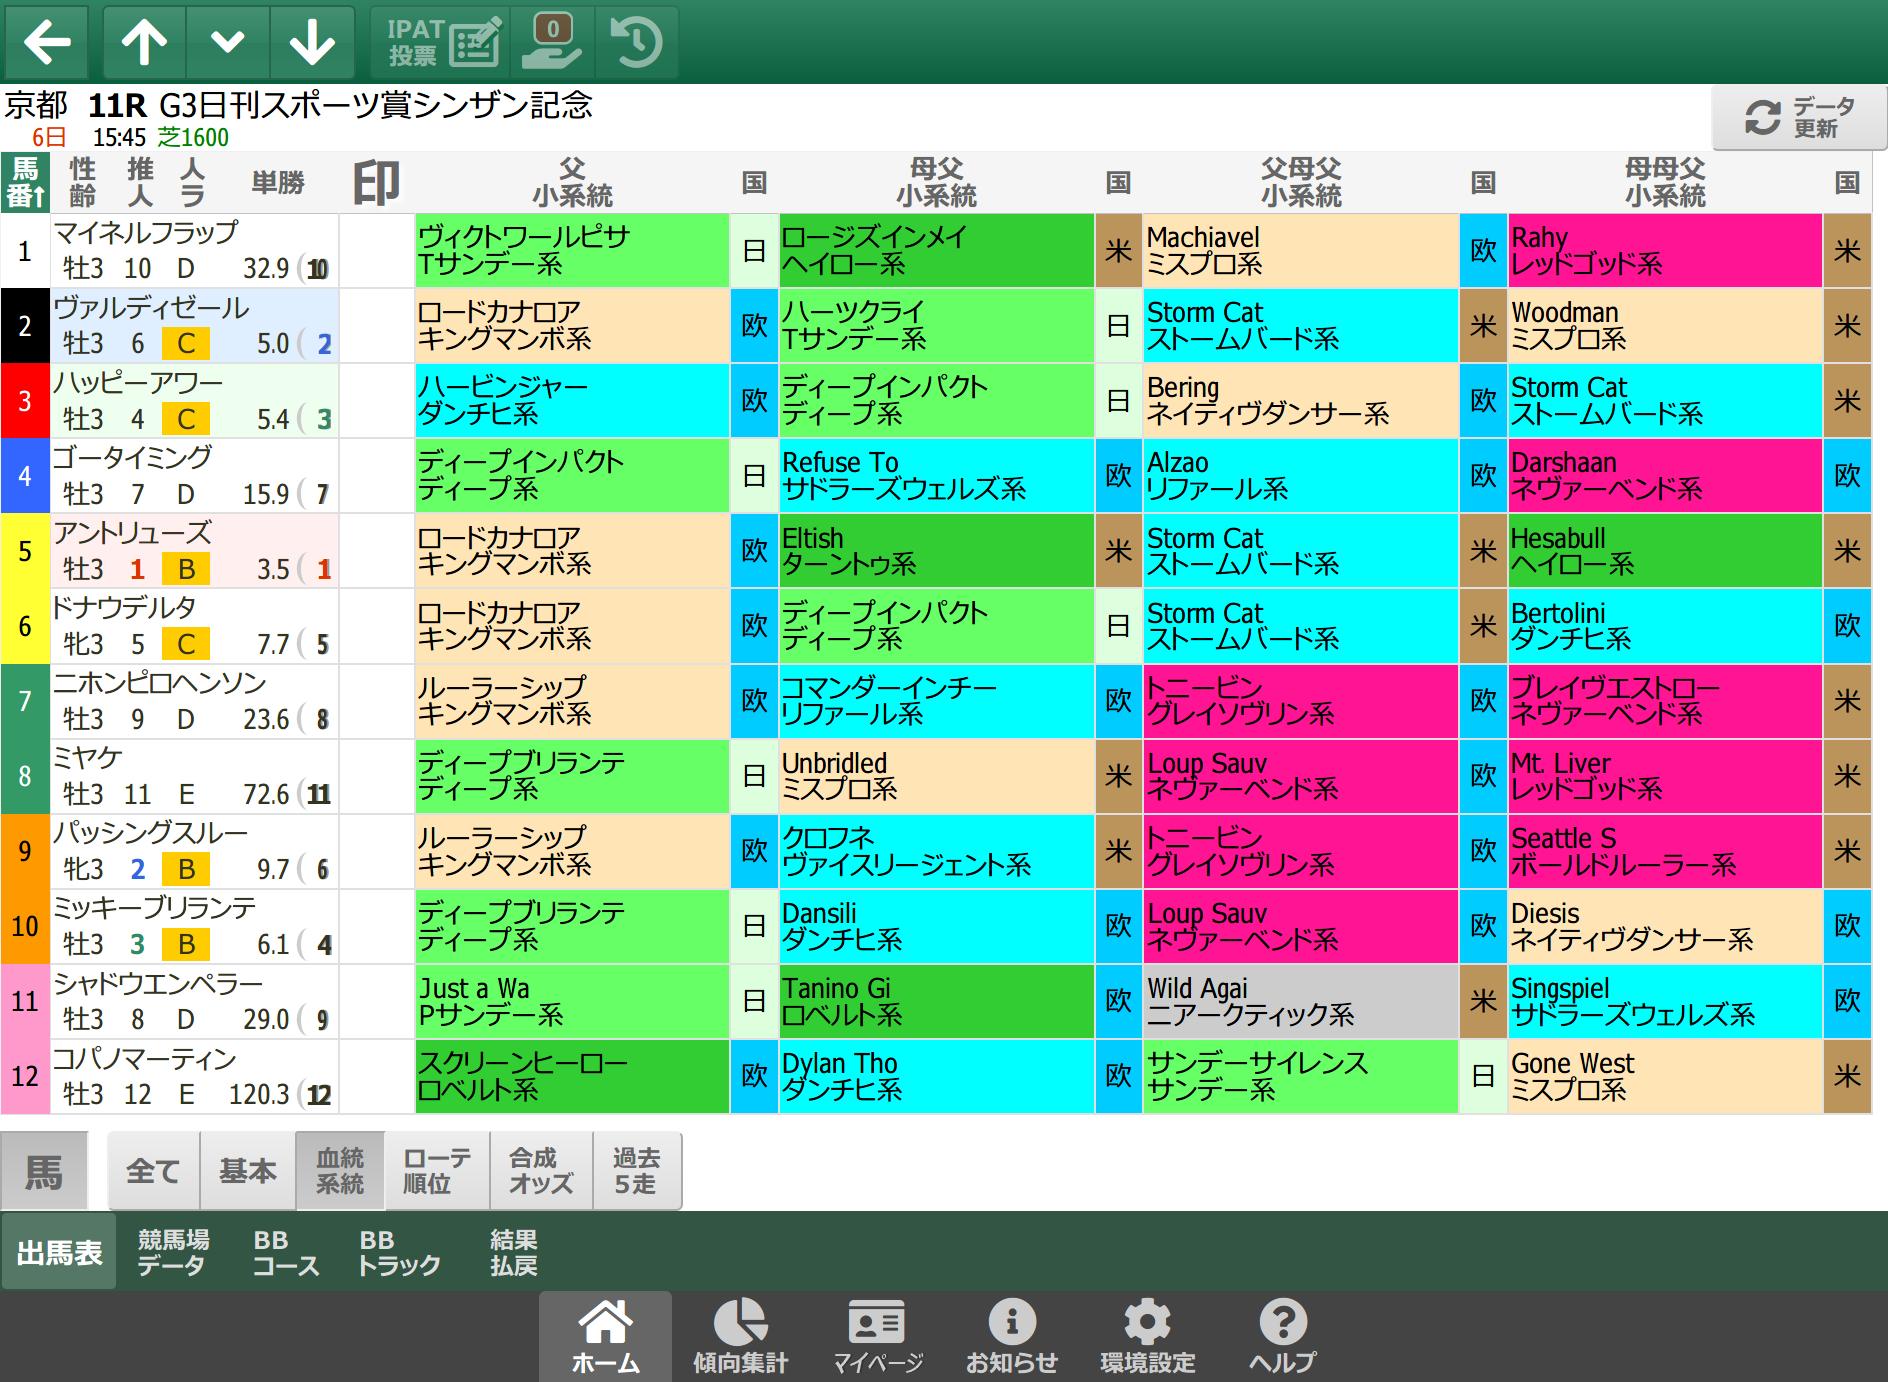 【無料公開】 シンザン記念/スマート出馬表